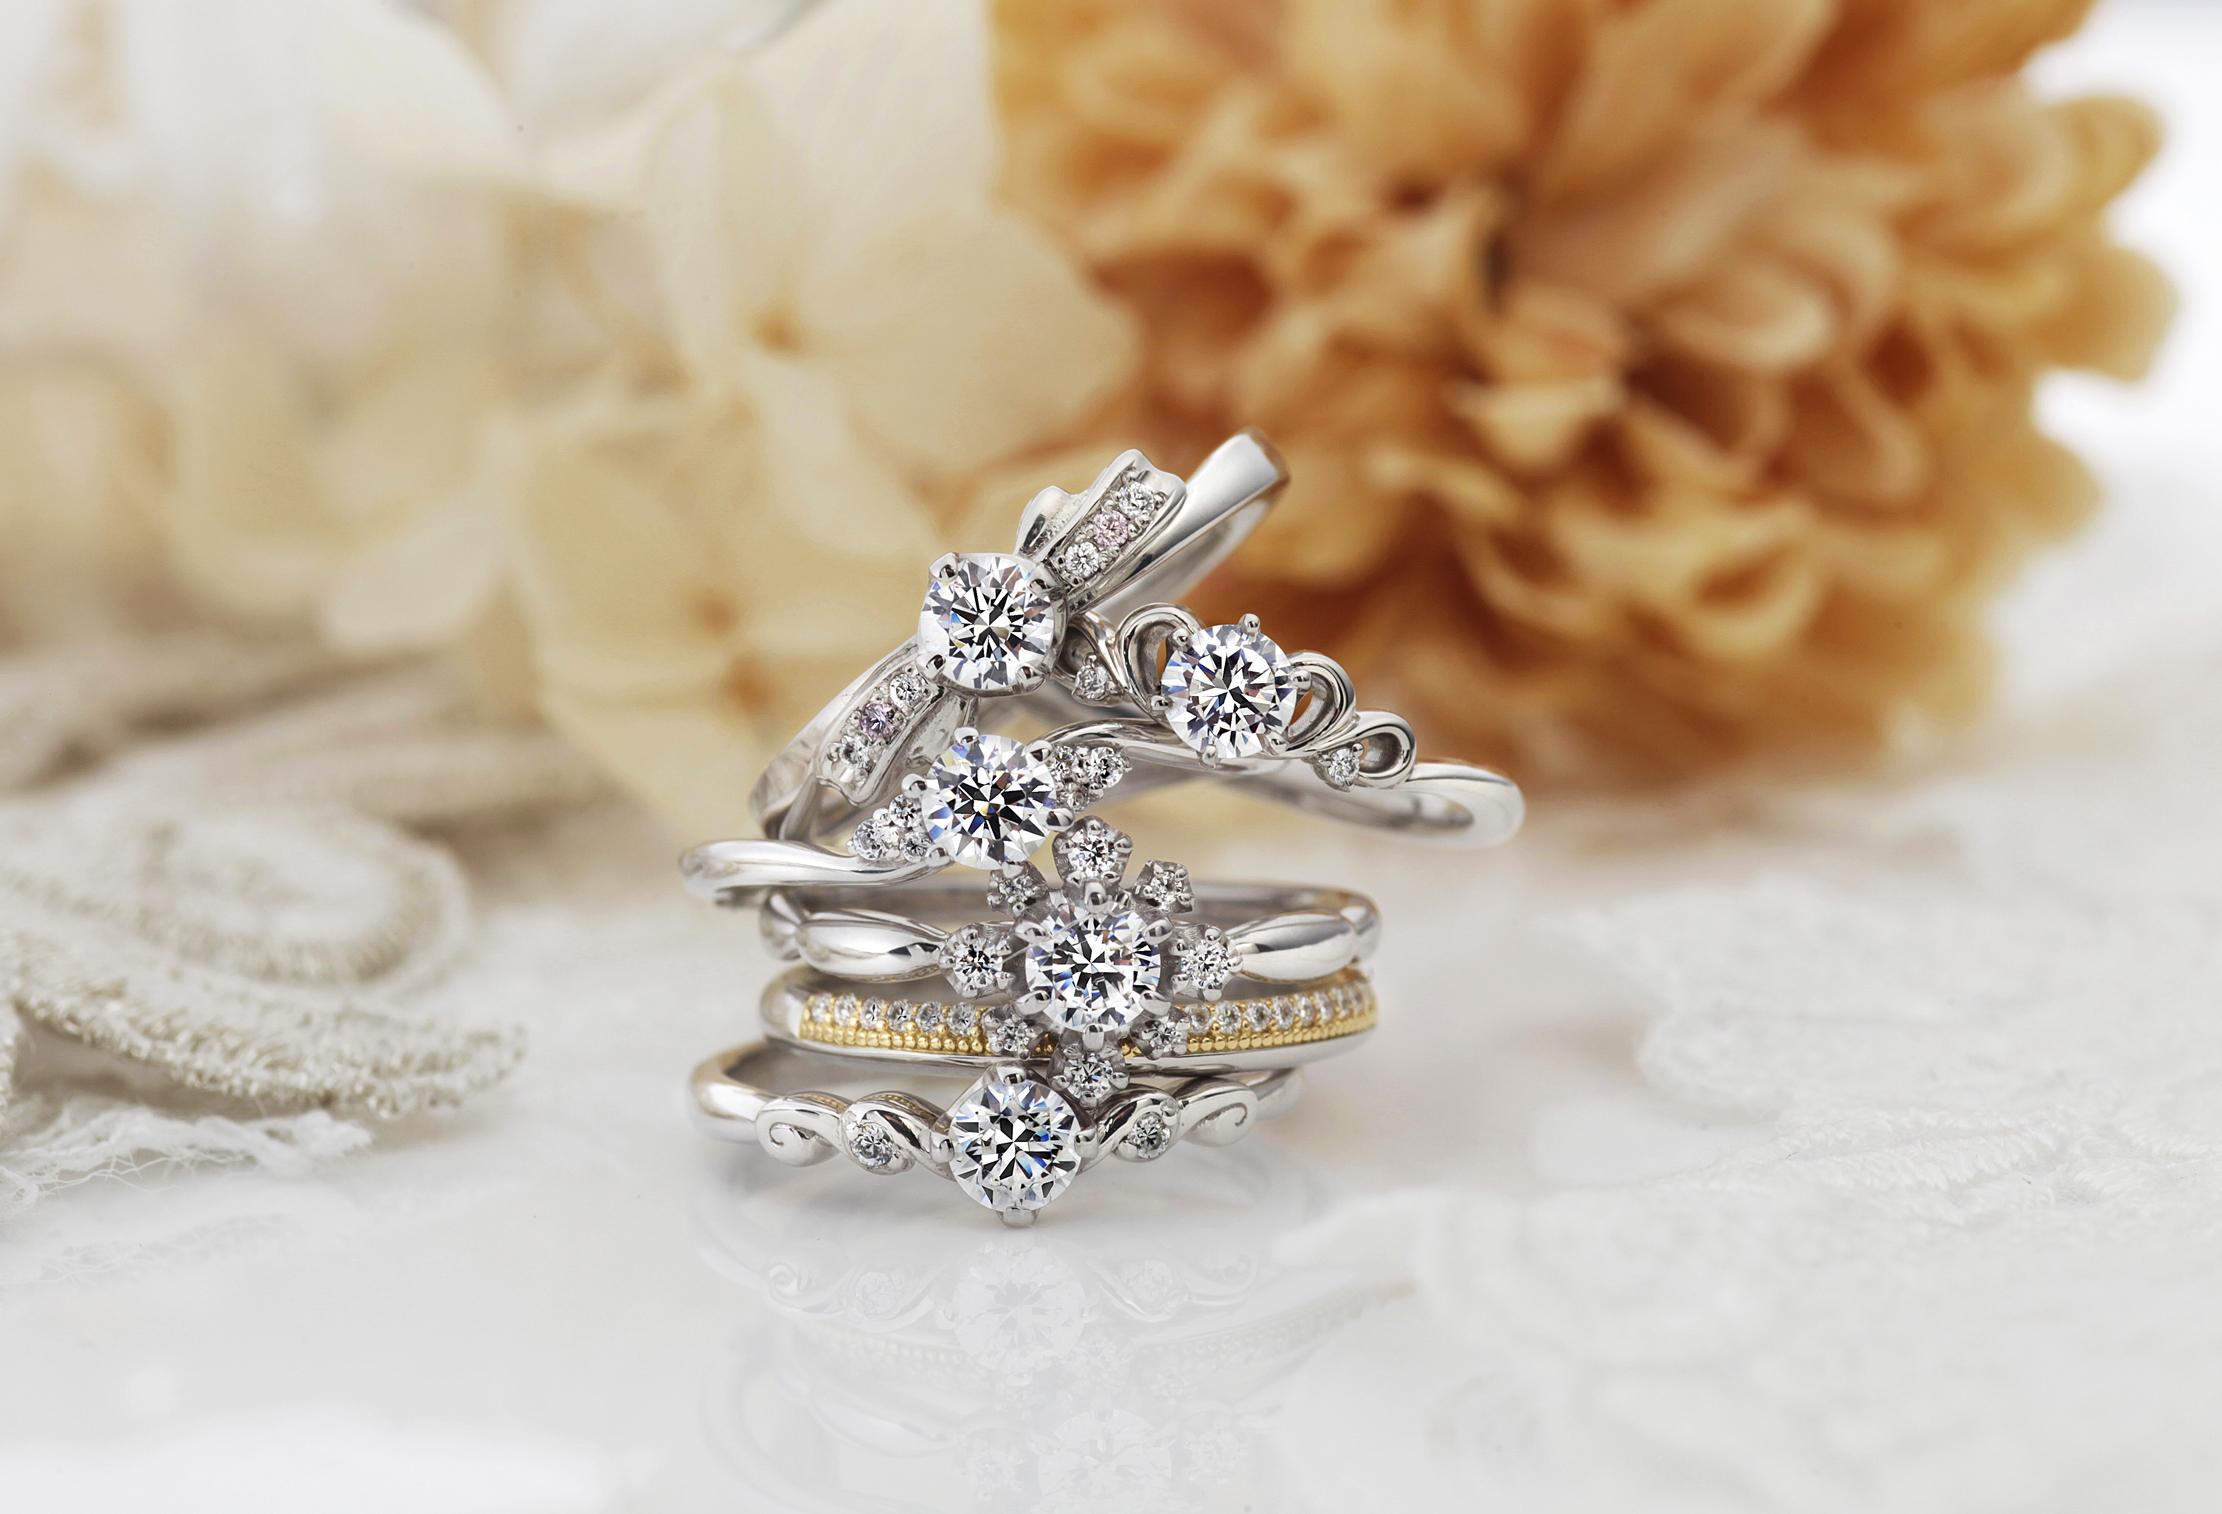 【浜松】婚約指輪から繋がる人生。素晴らしい人生のスタート♡